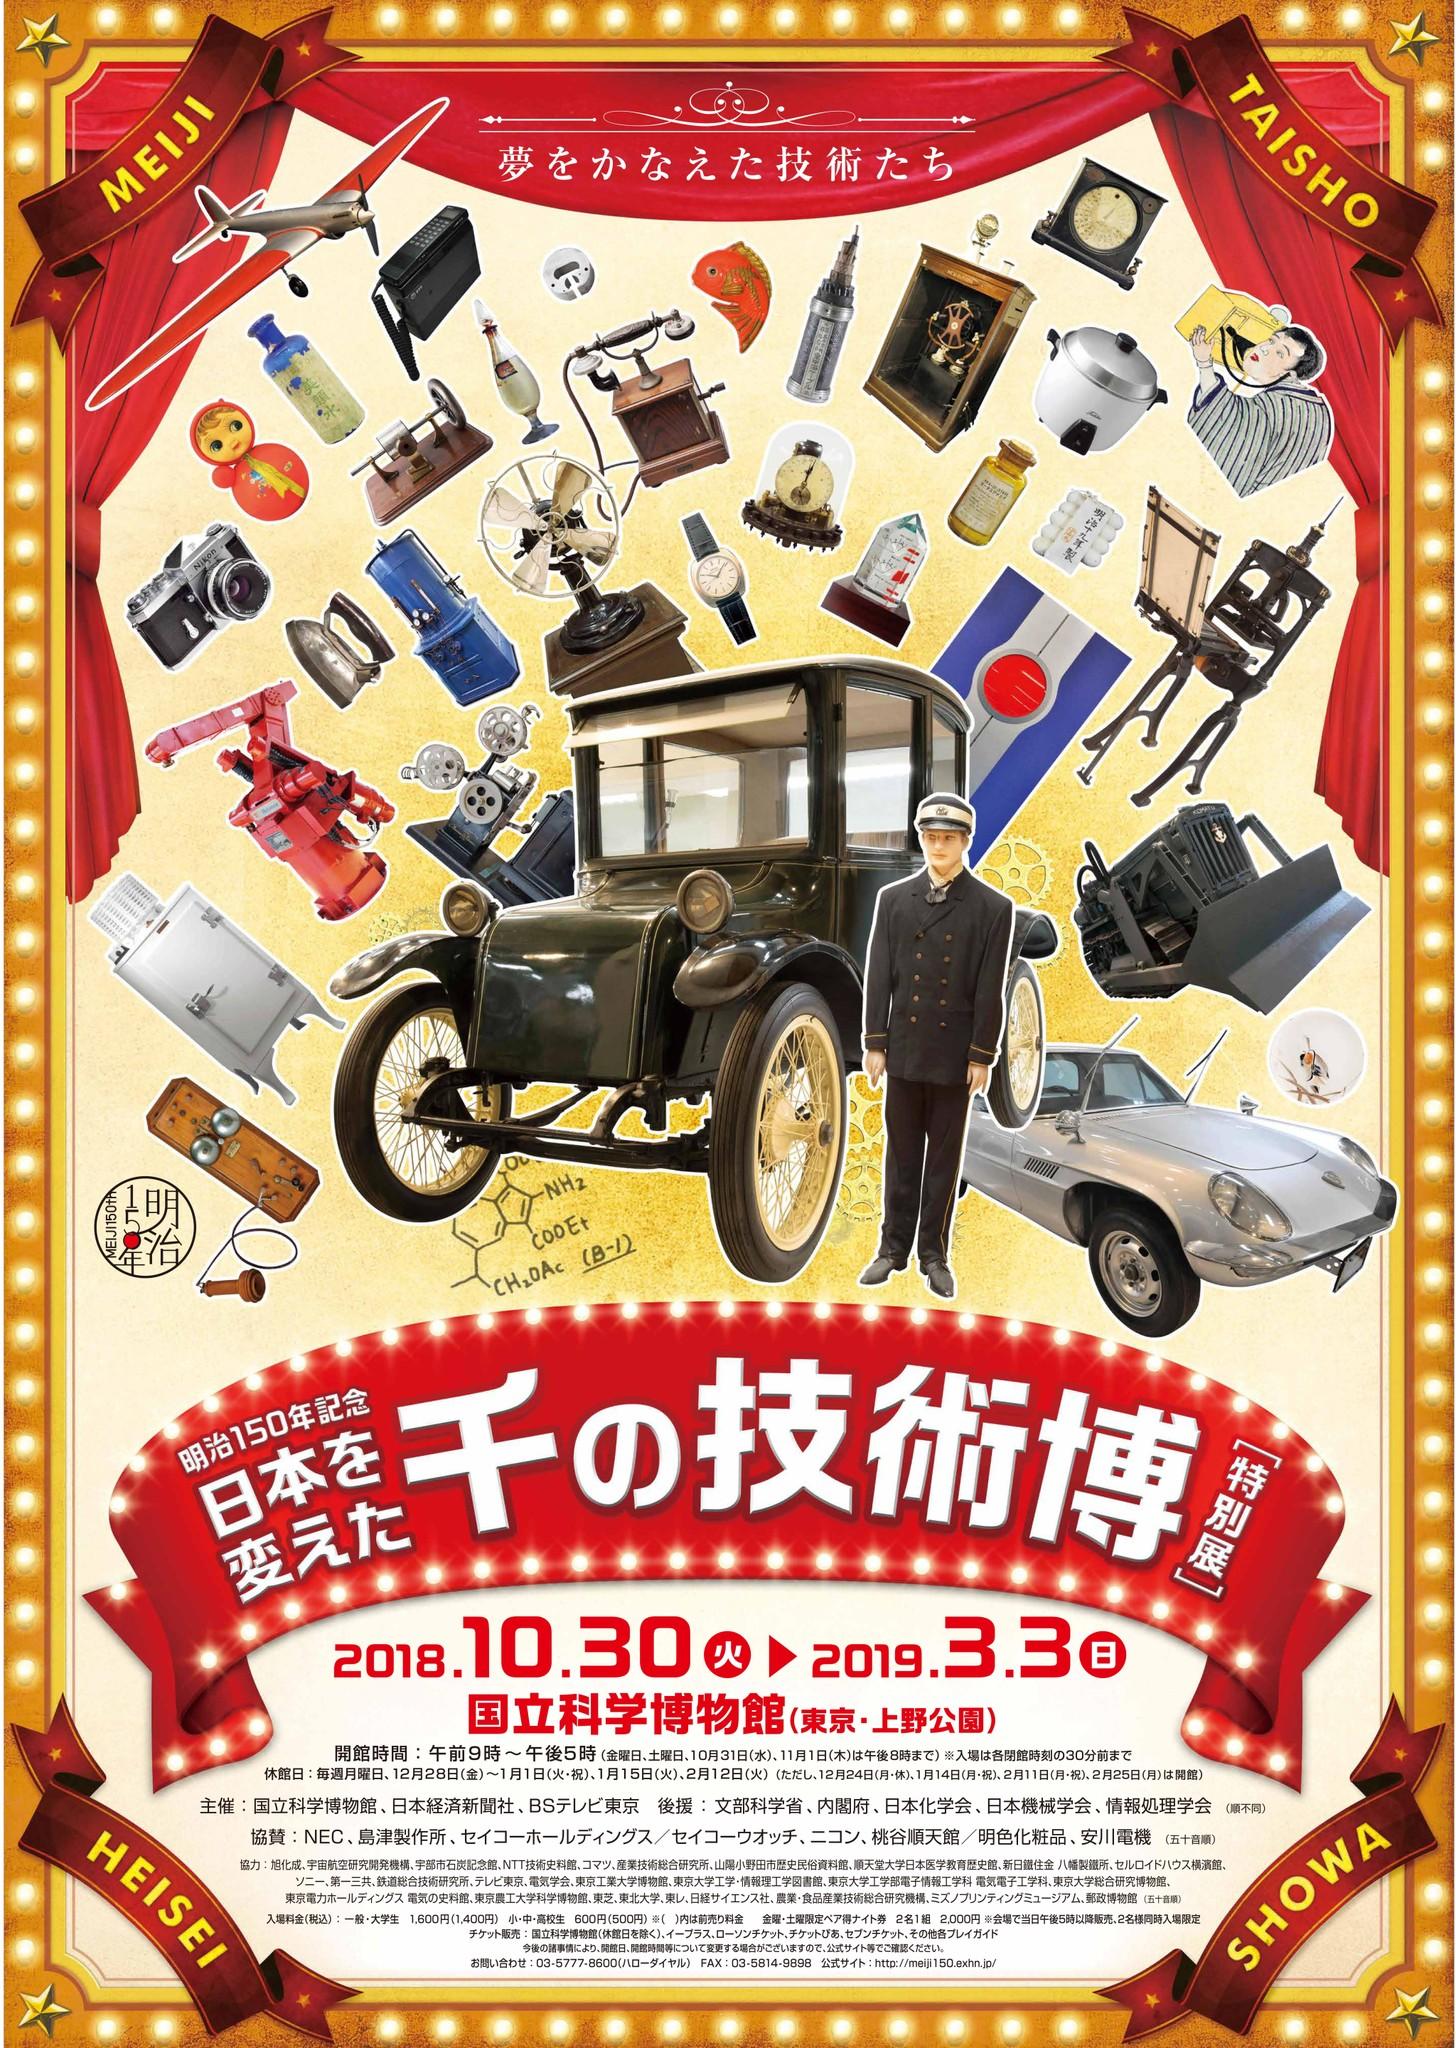 「日本を変えた千の技術博」 ポスター画像